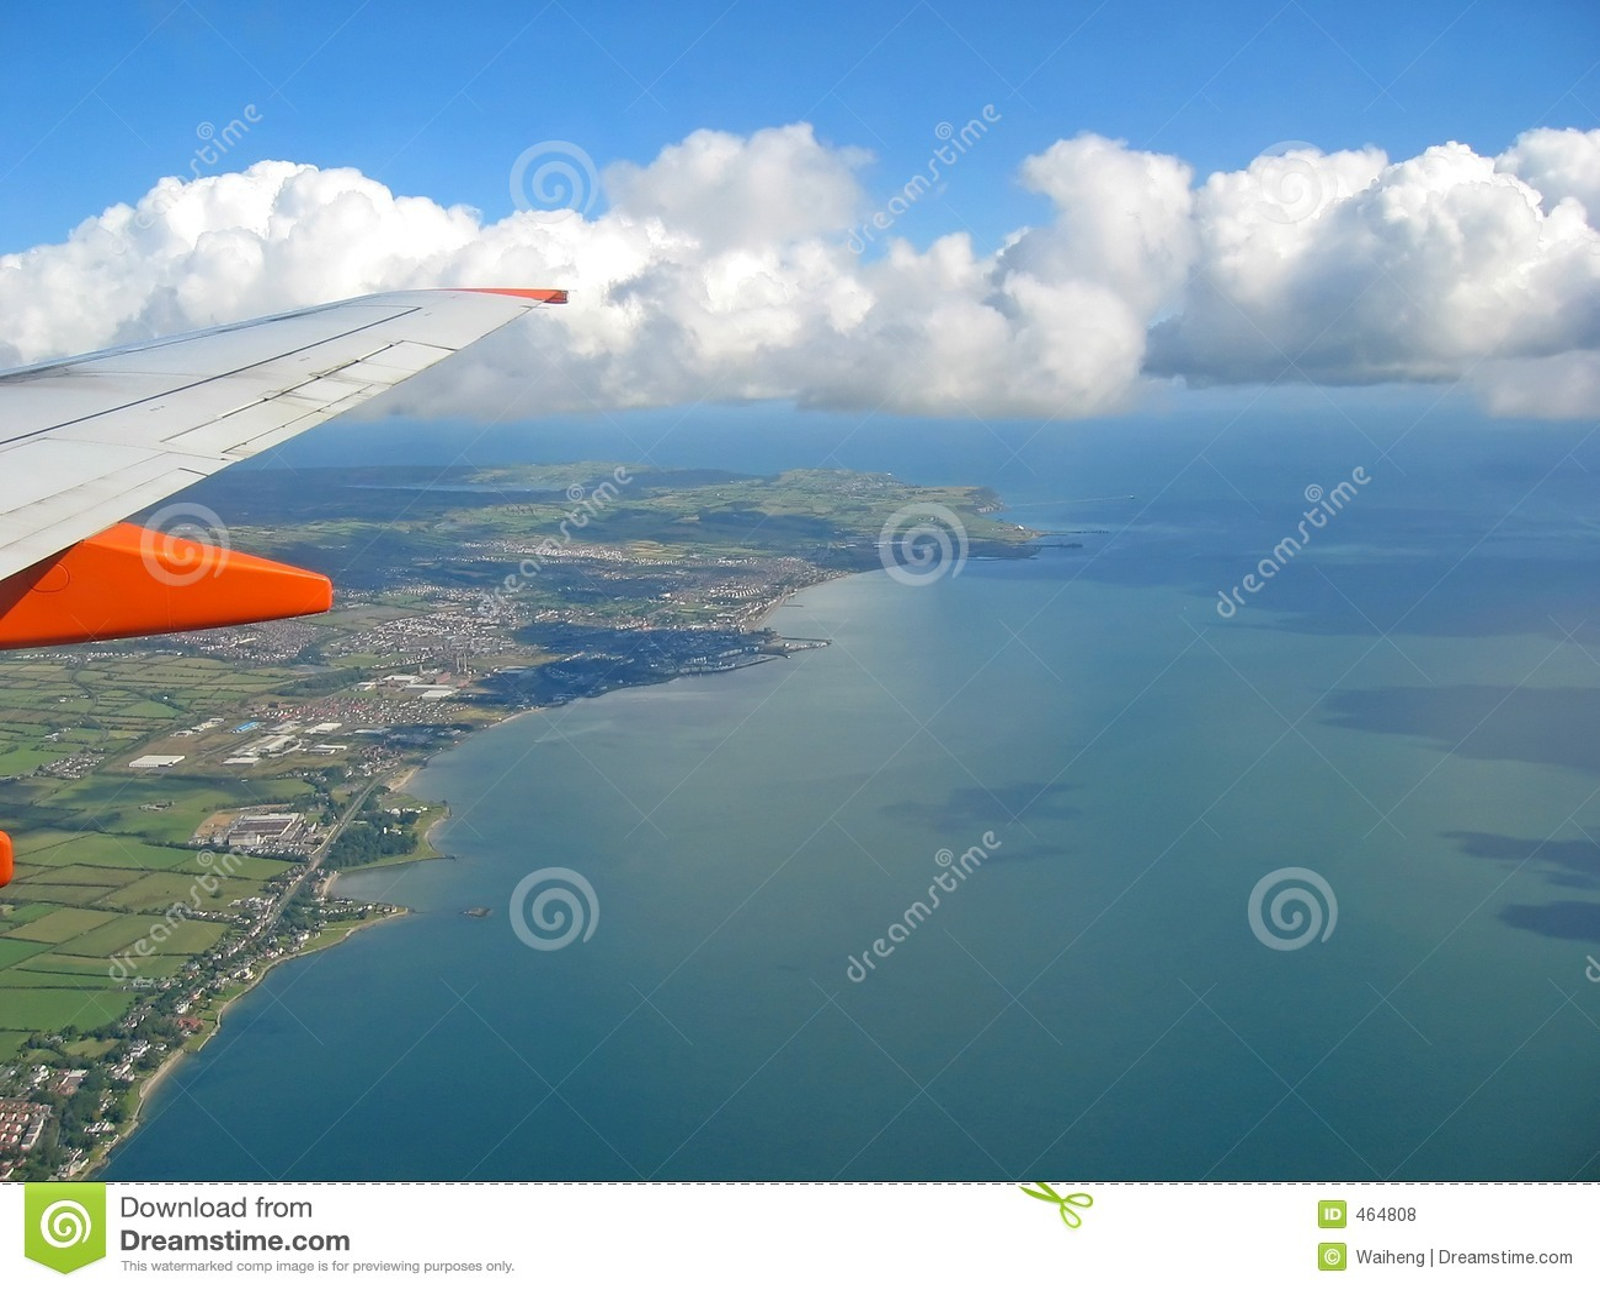 Download Flying stock photo. Image of aeroplane, water, landing - 464808